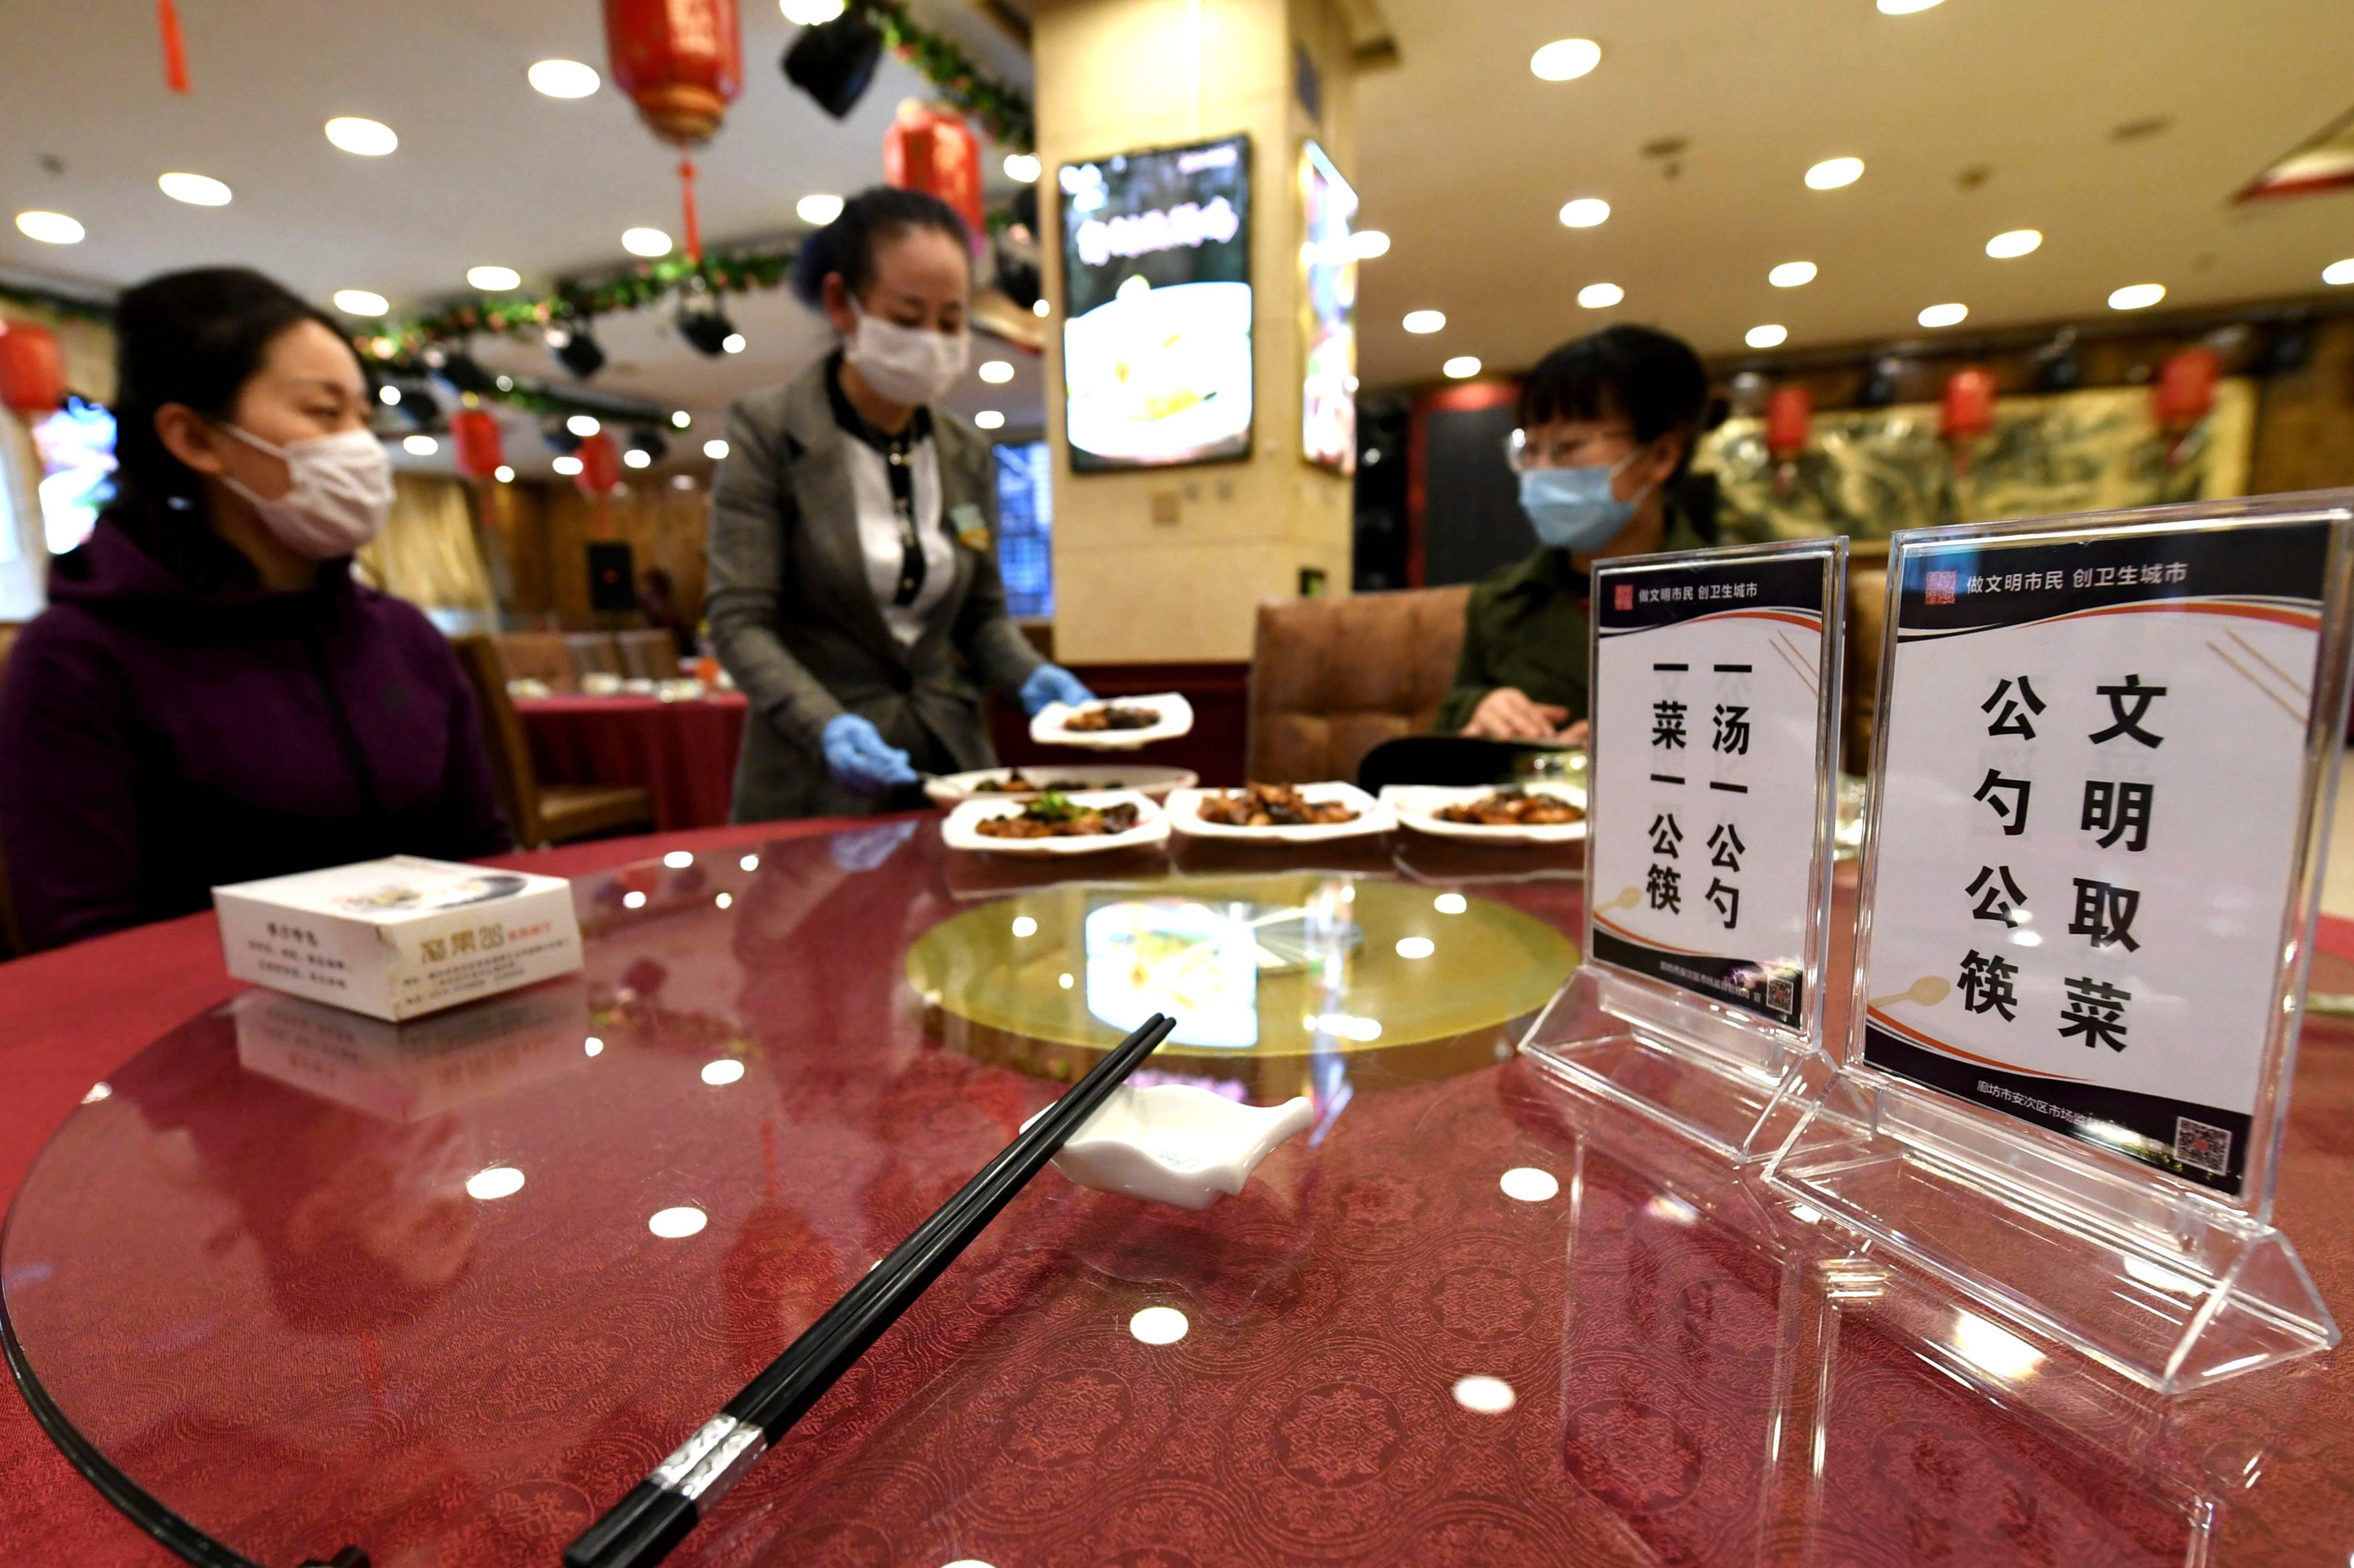 河北:推广分餐制 提倡公筷公勺